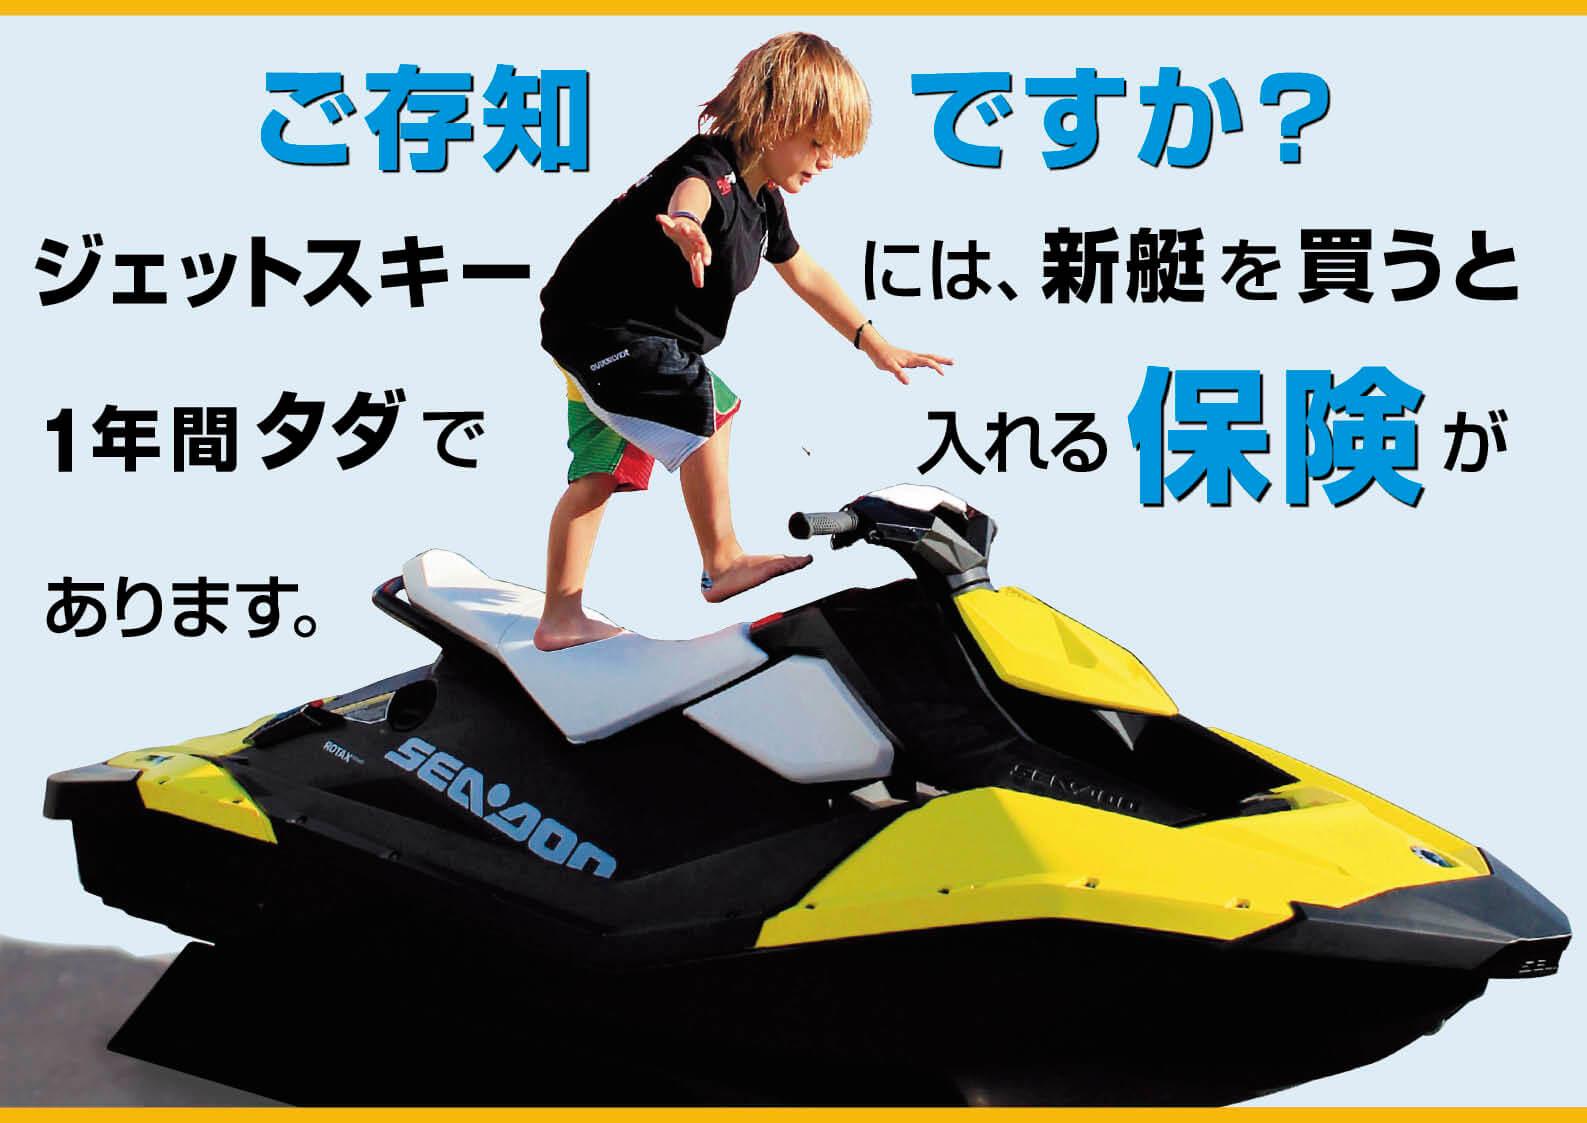 どのメーカーの水上バイクが壊れないの?